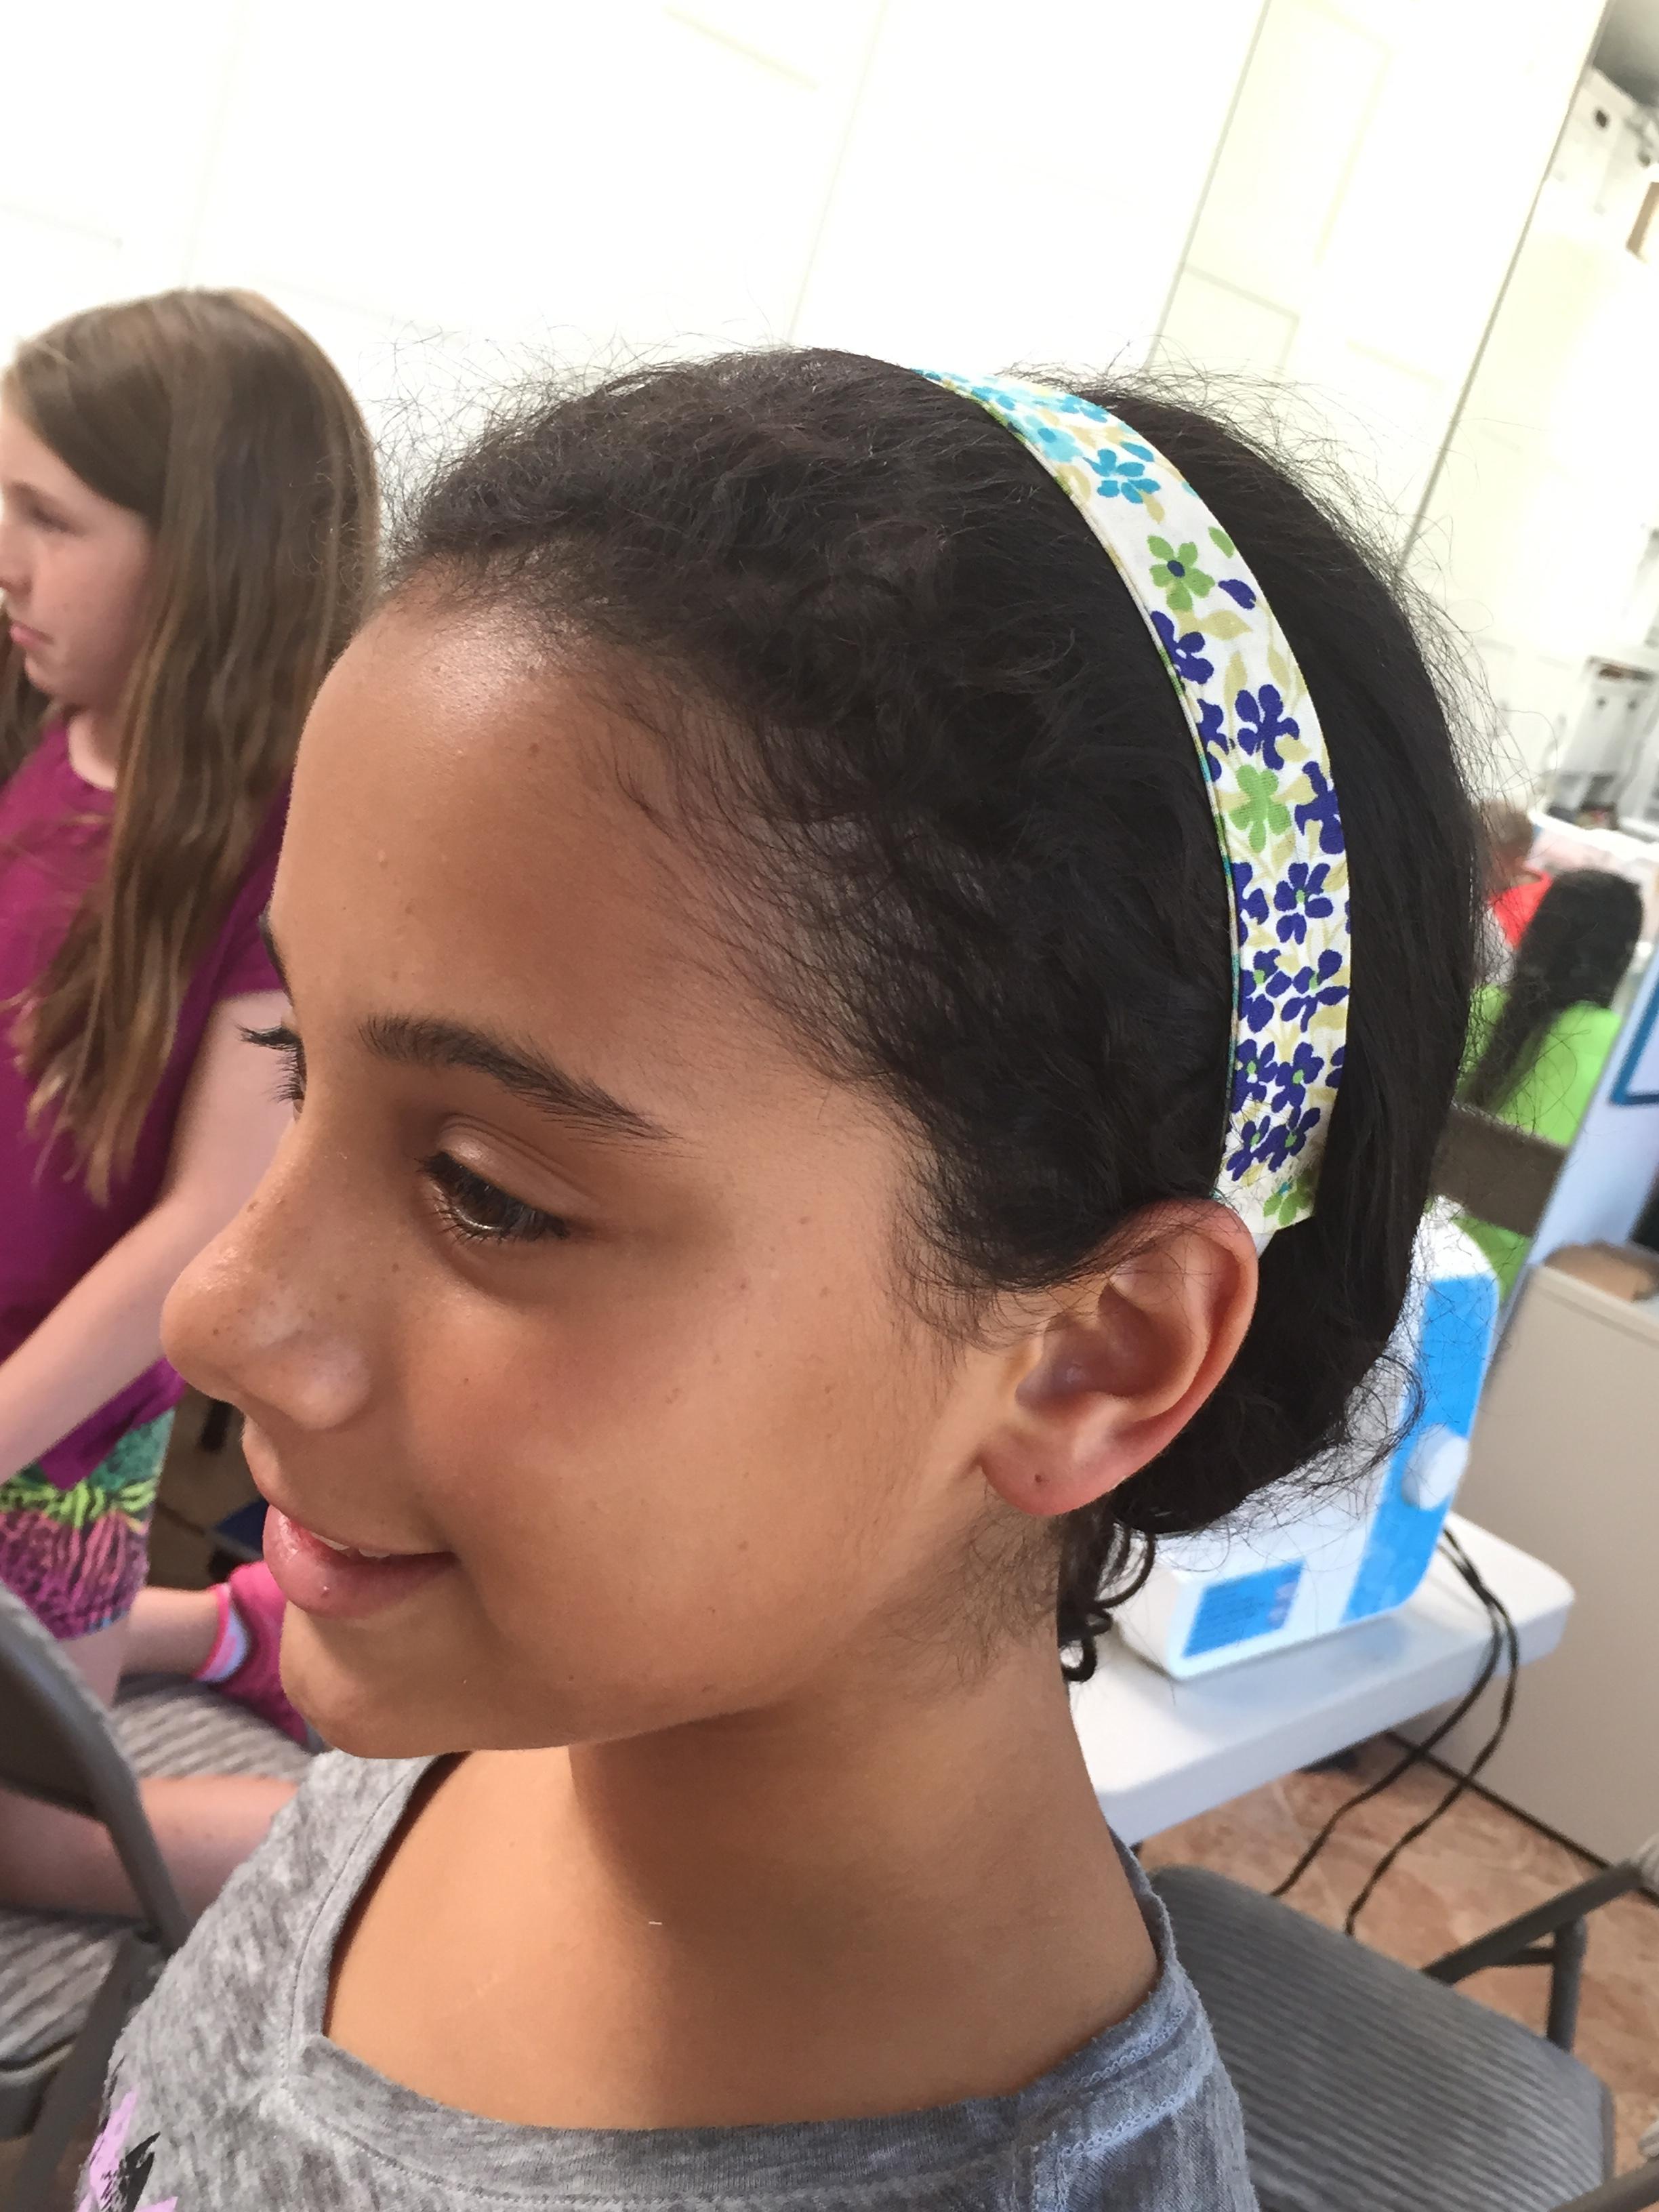 5th grader headband.